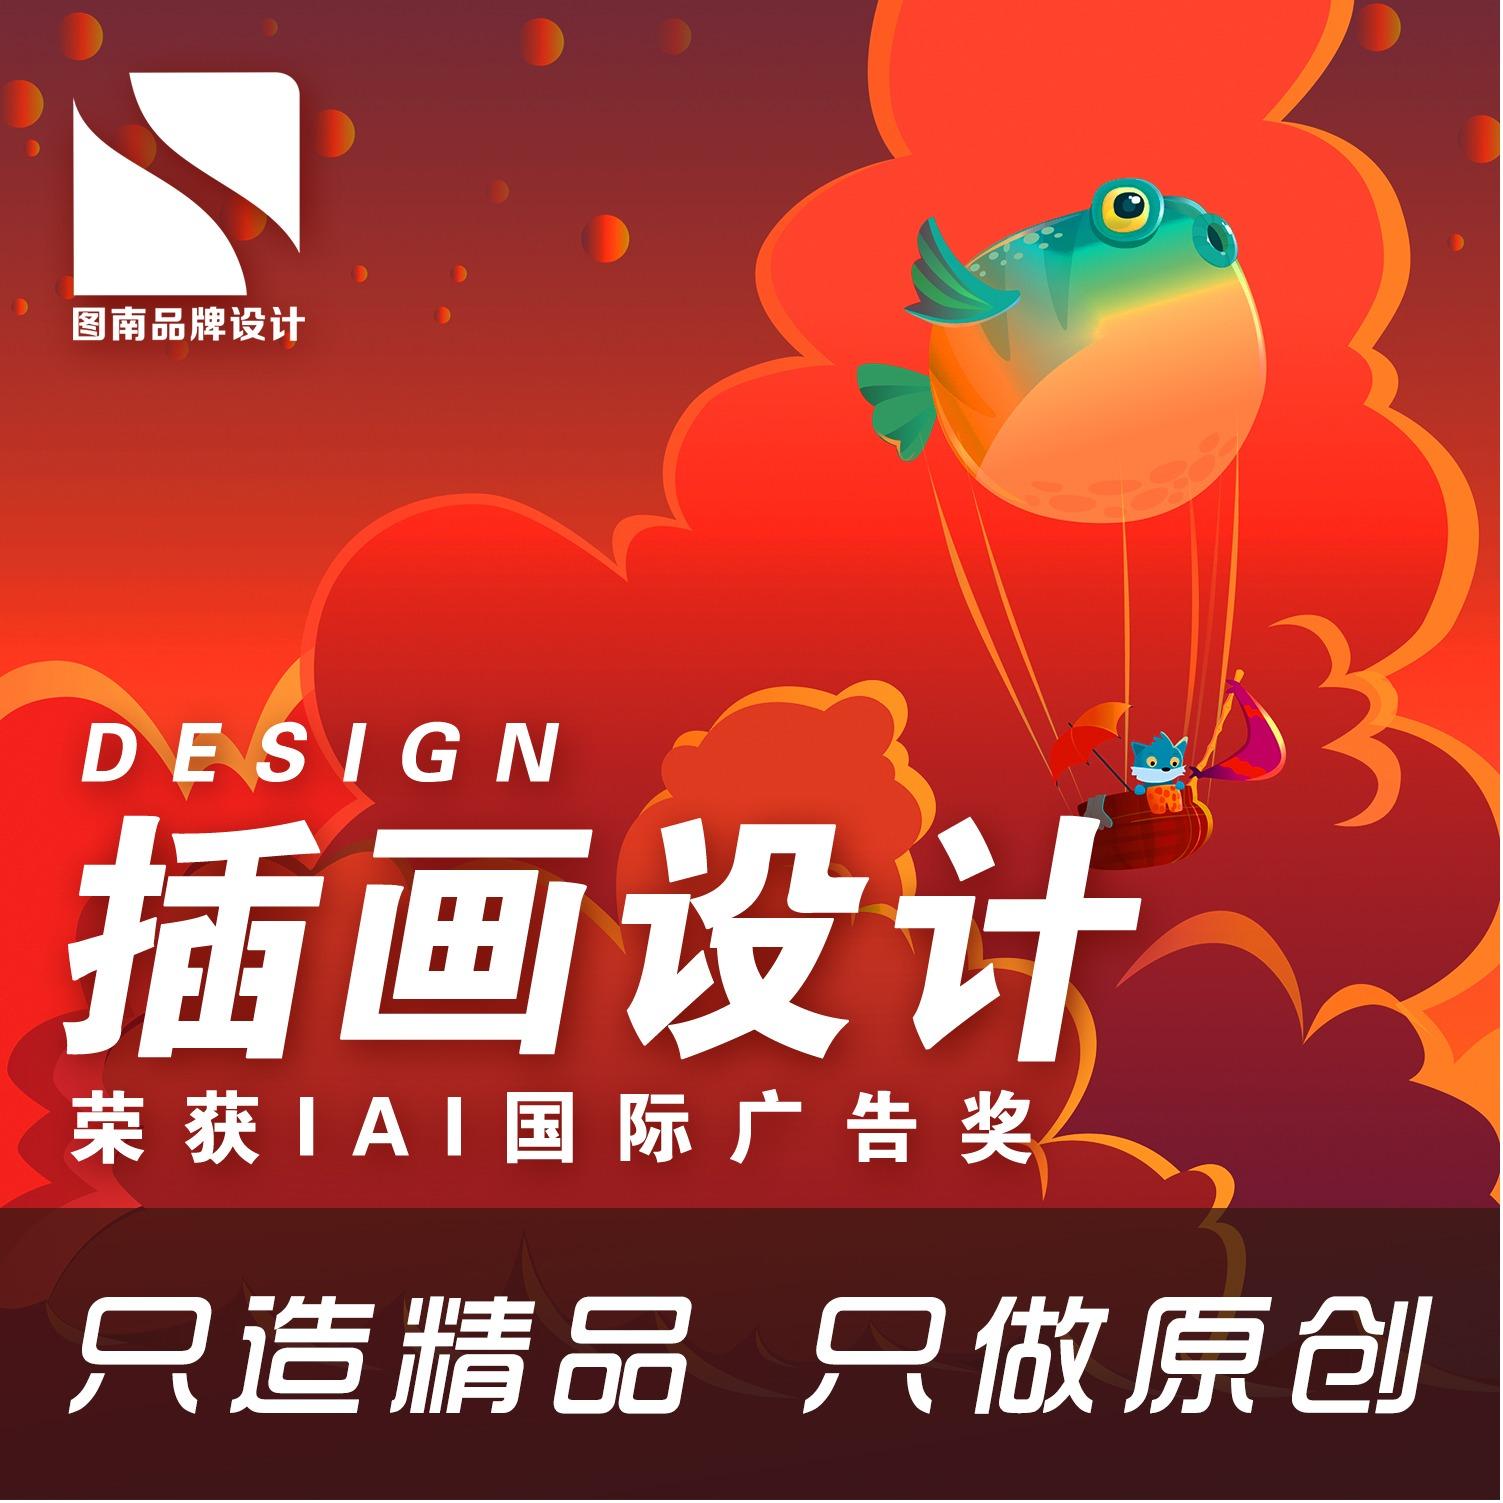 电子家电产品插画设计活动宣传插画设计美容健身插画设计